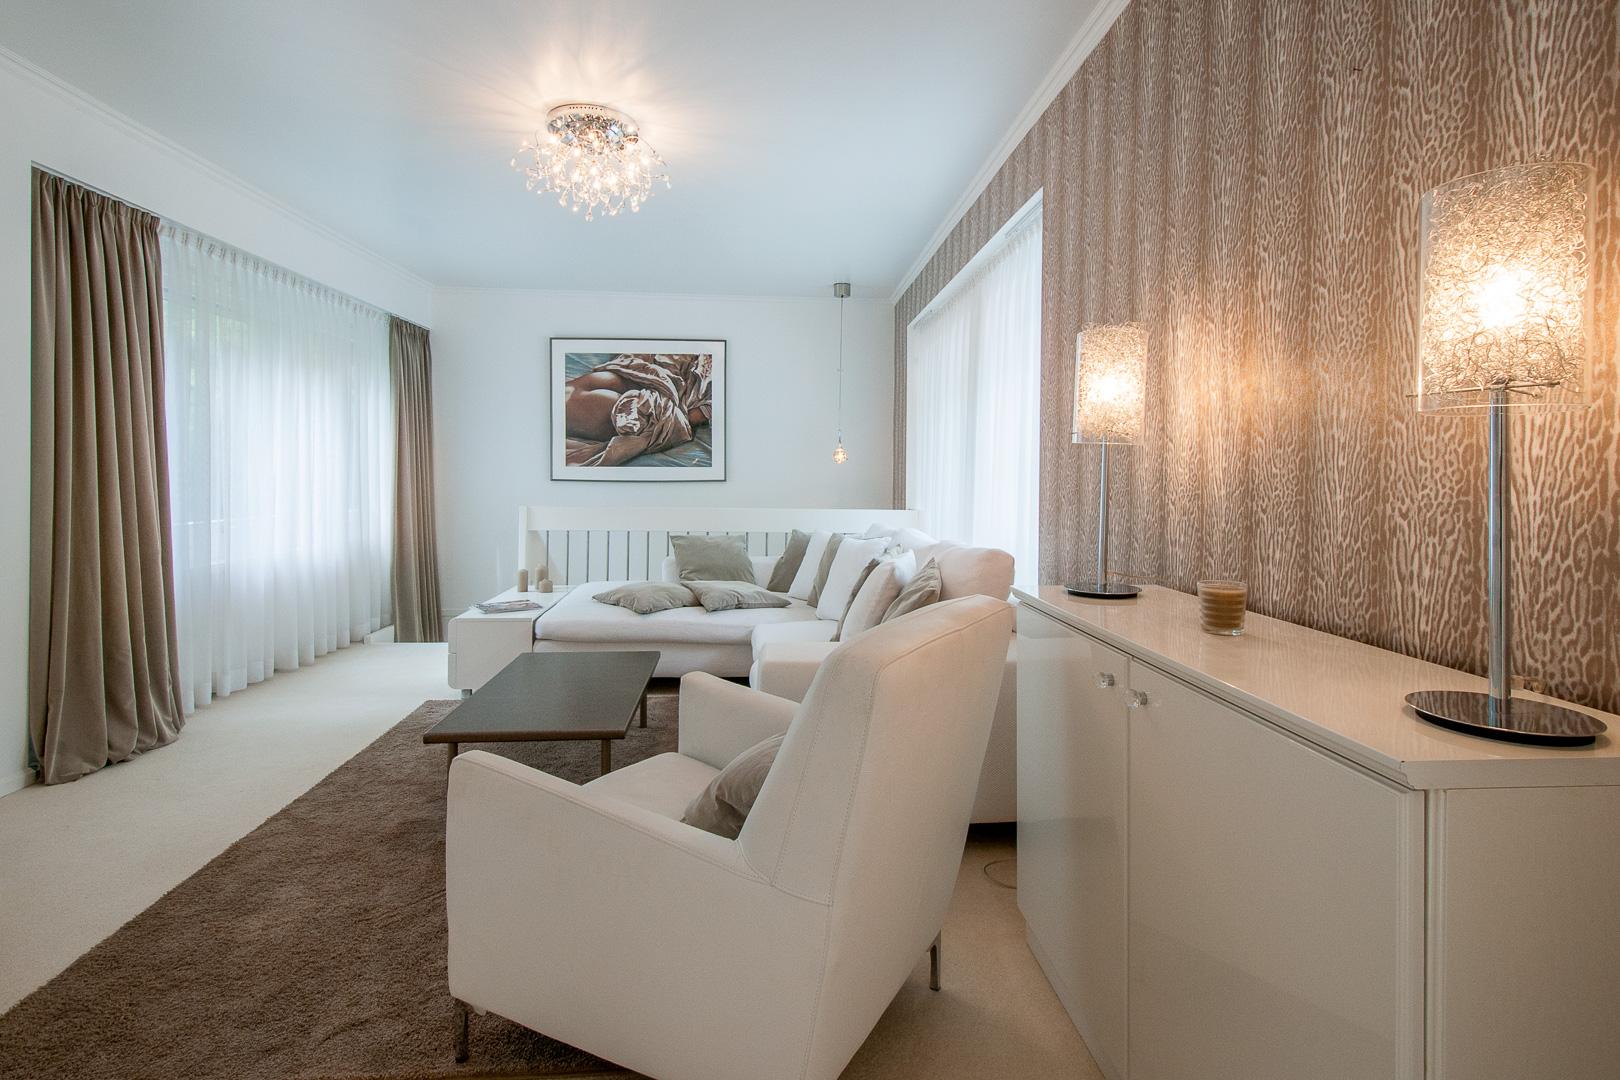 Wohnzimmer Einliegerwohnung